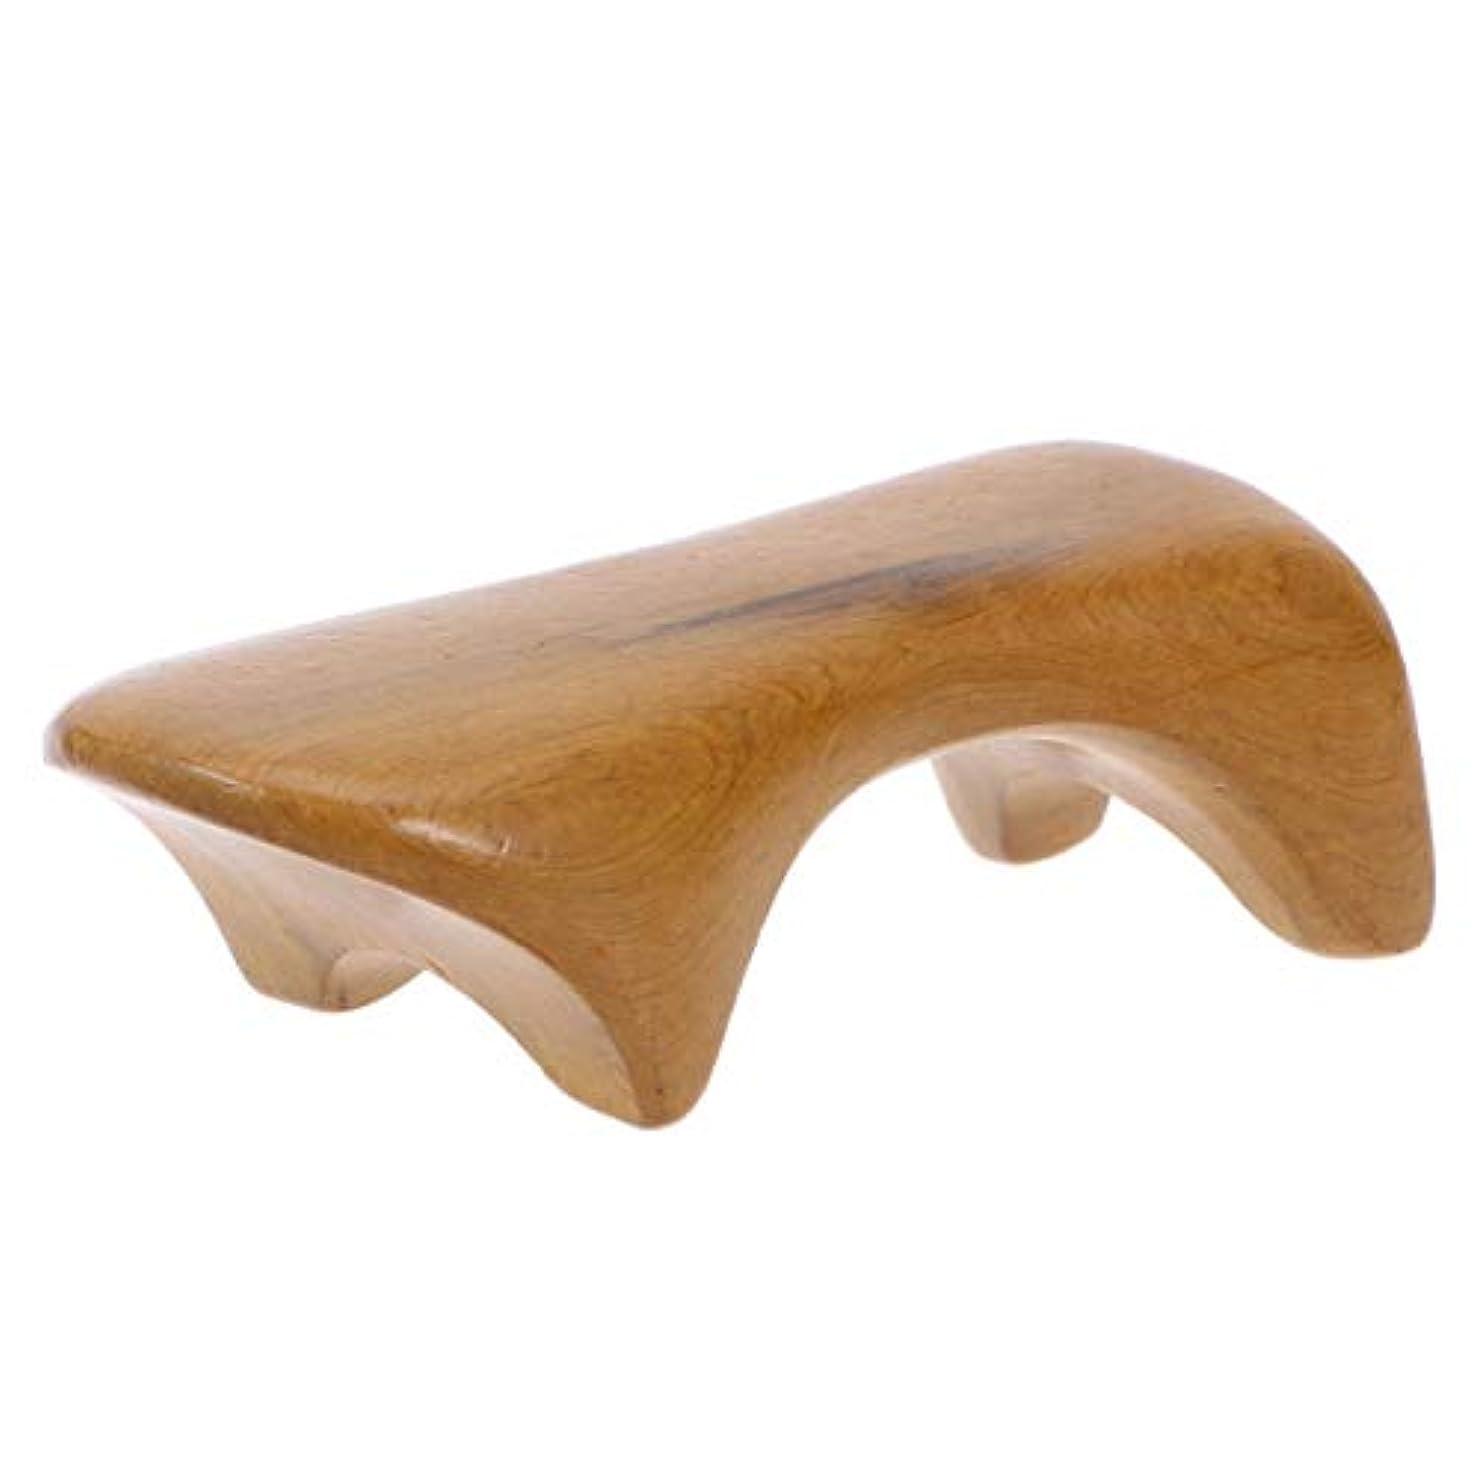 通行人インタフェースアトラス完全木製のための木の背部マッサージャーの手持ち型のBadyのマッサージャーの多機能のマッサージャー